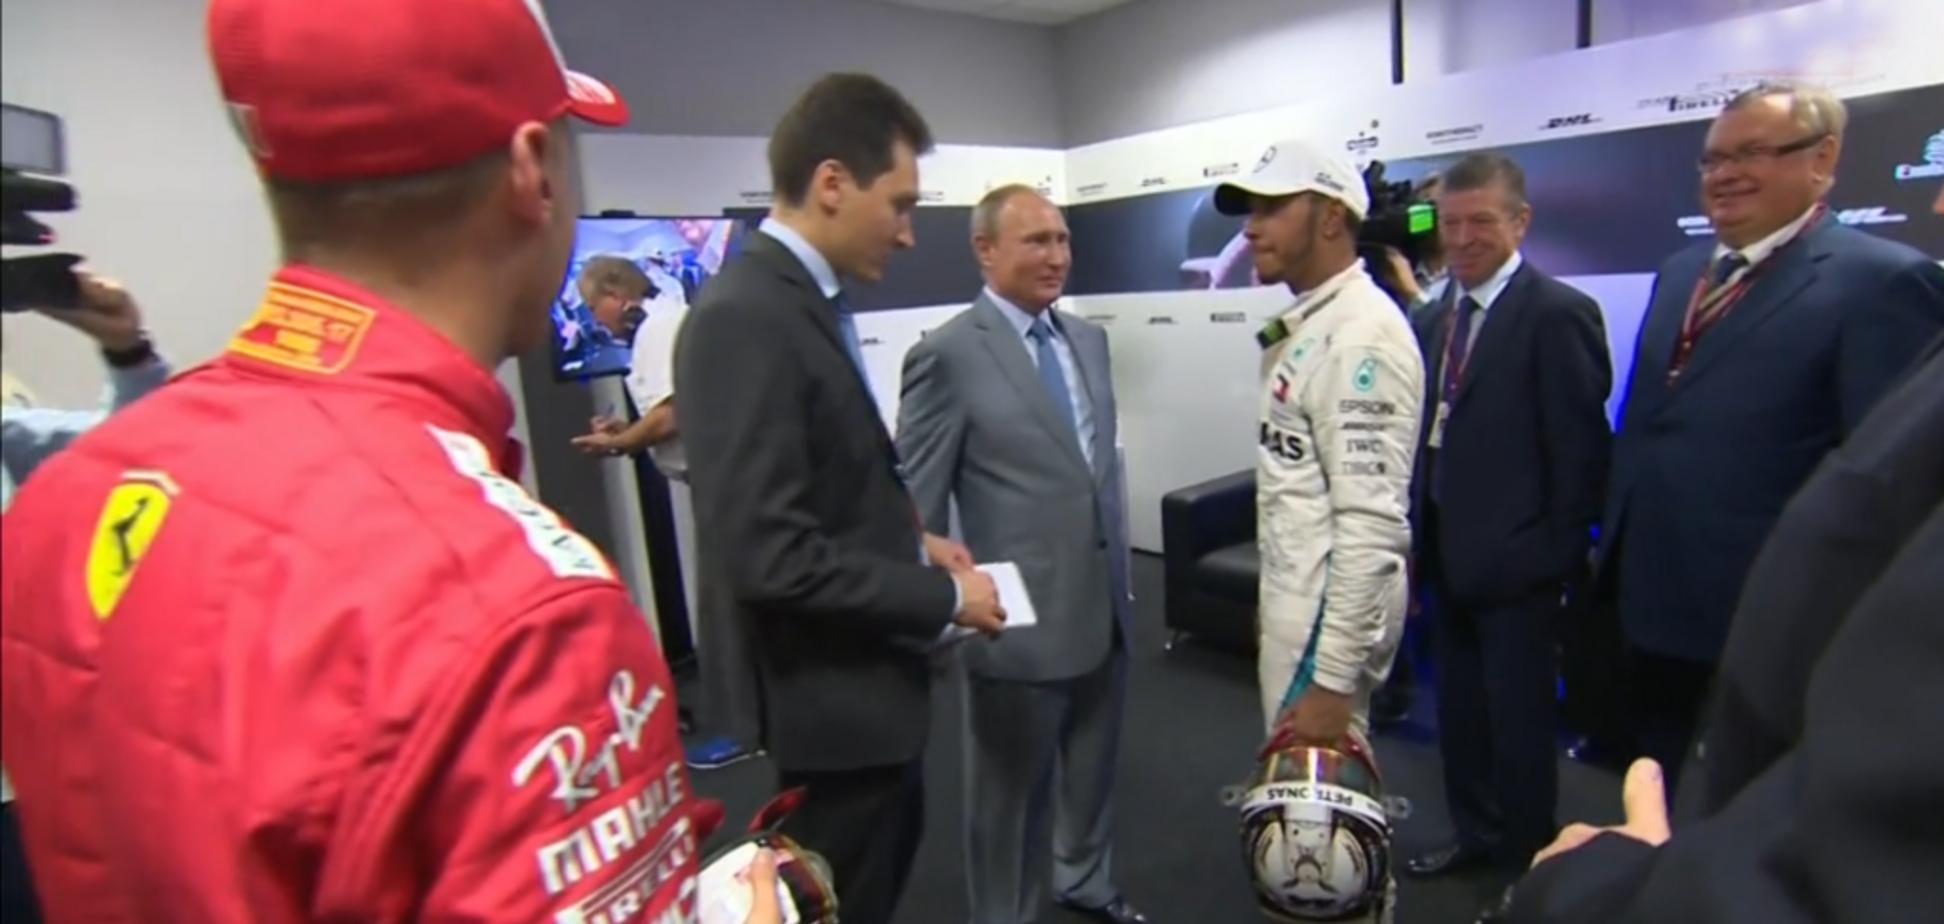 Феттель проігнорував Путіна на Гран-прі Формули-1 в Росії